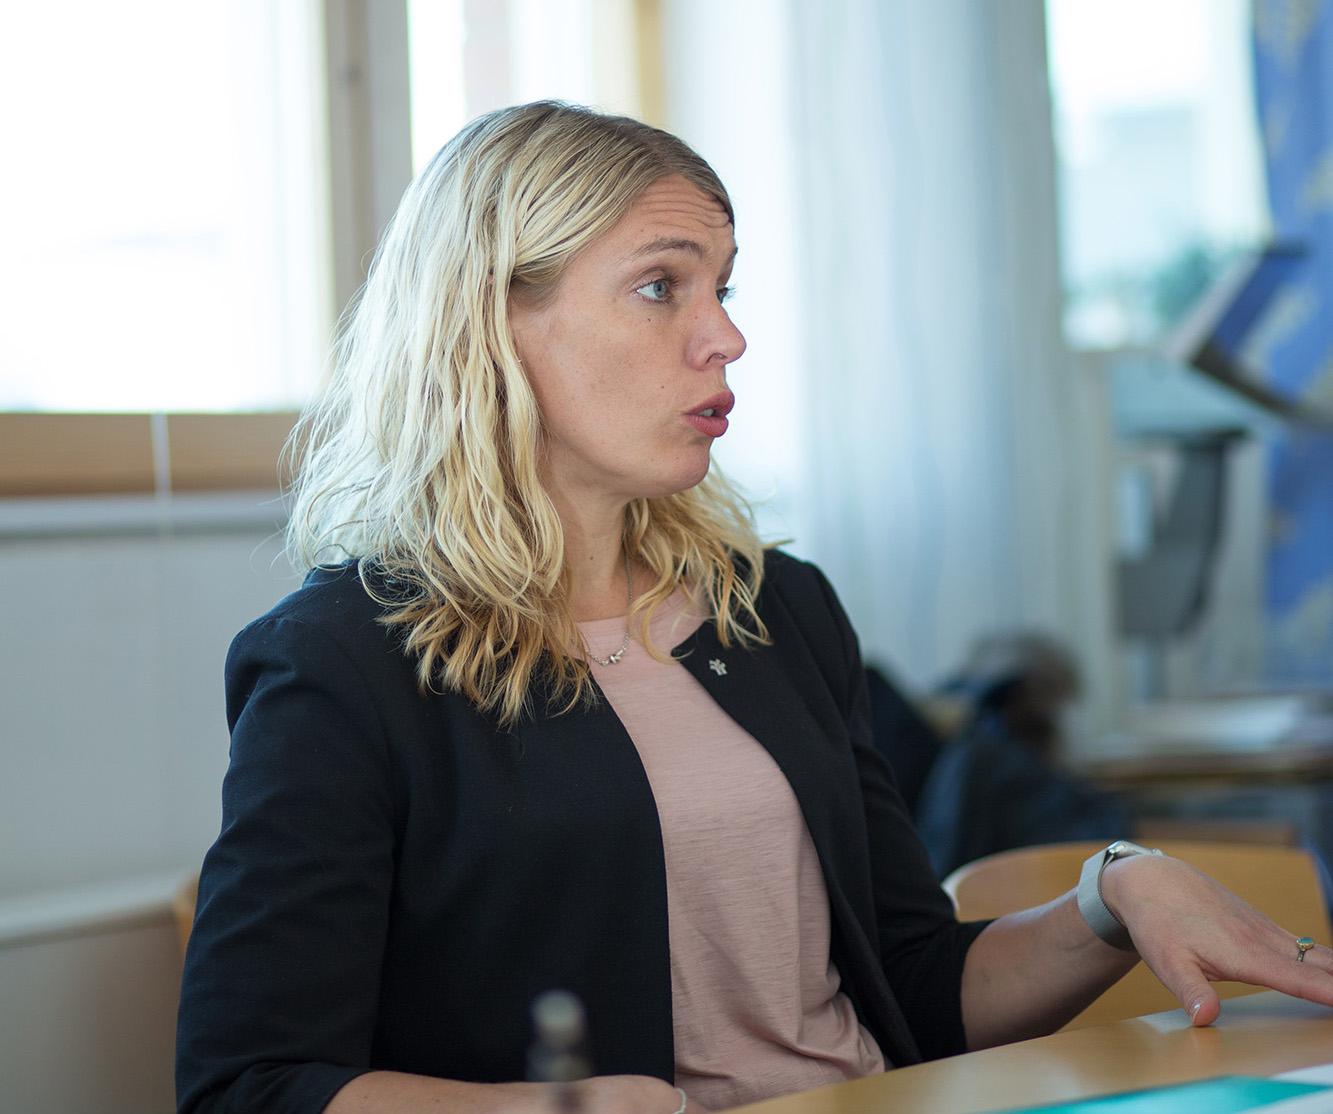 LiU exporterar hållbar stadsutveckling - Linköpings universitet 43916ea178de3